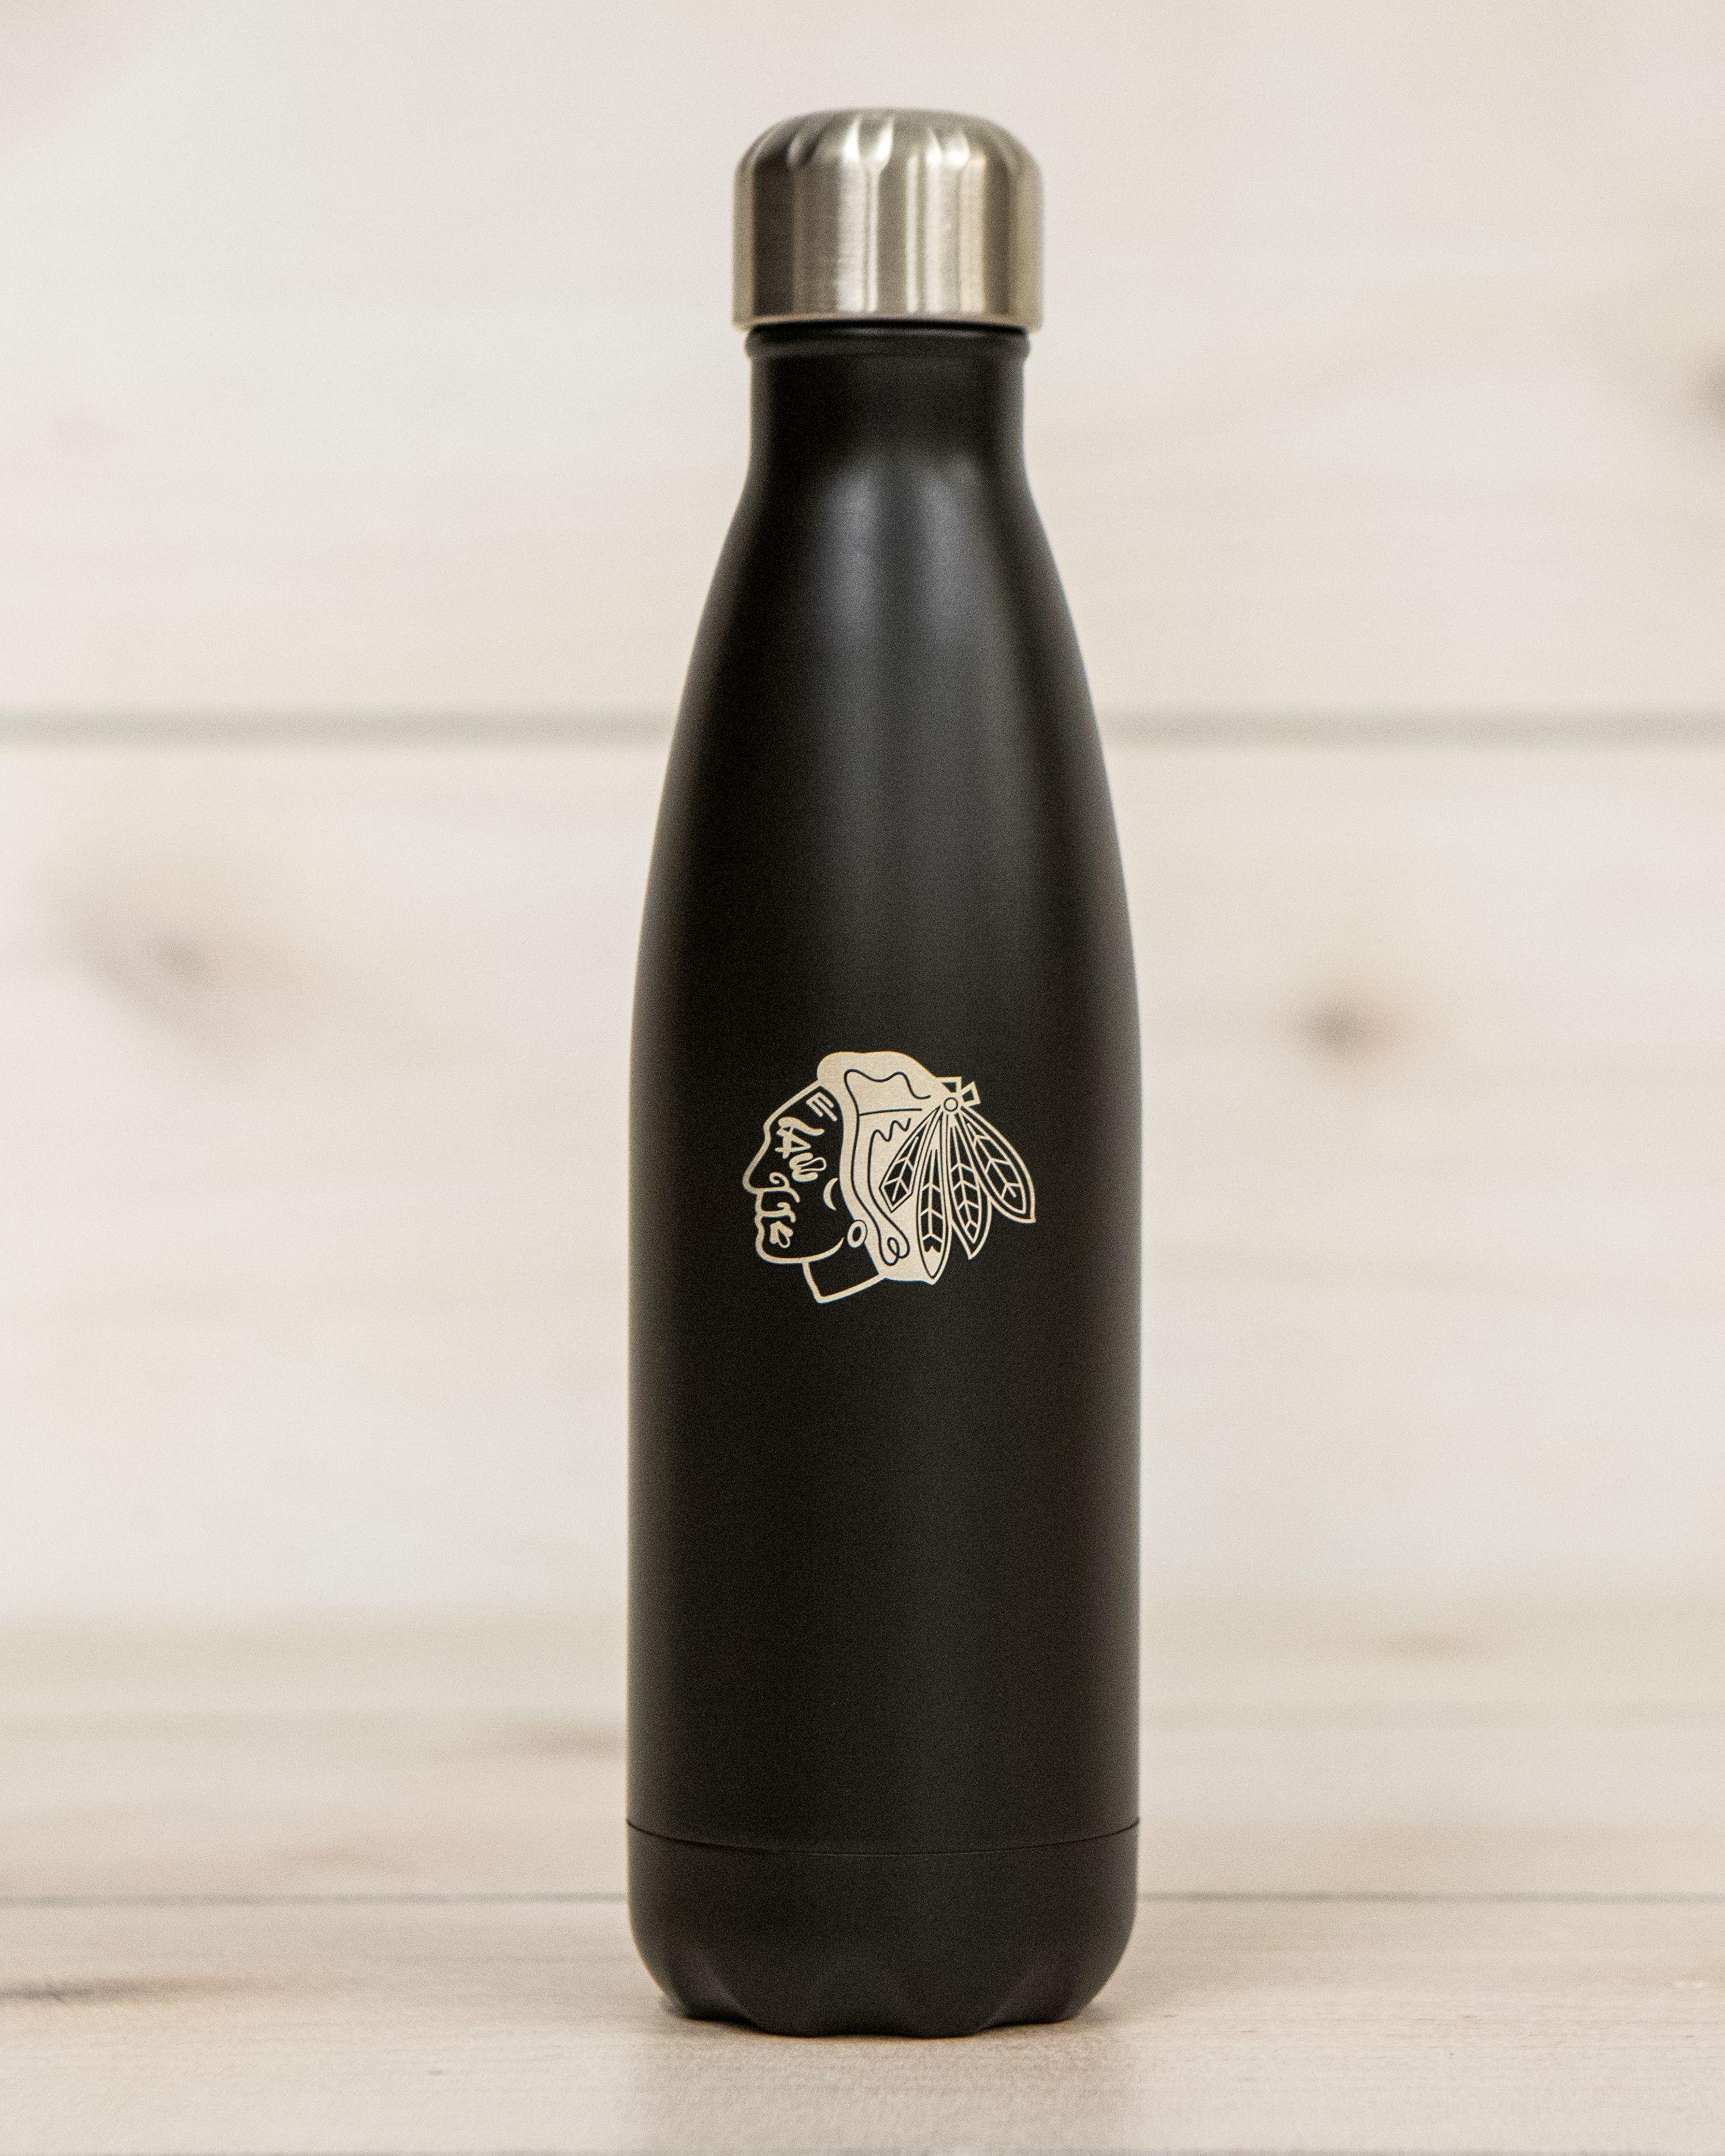 Blackhawks S Well Bottle In London Chimney Bottle Well Bottle Swell Water Bottle